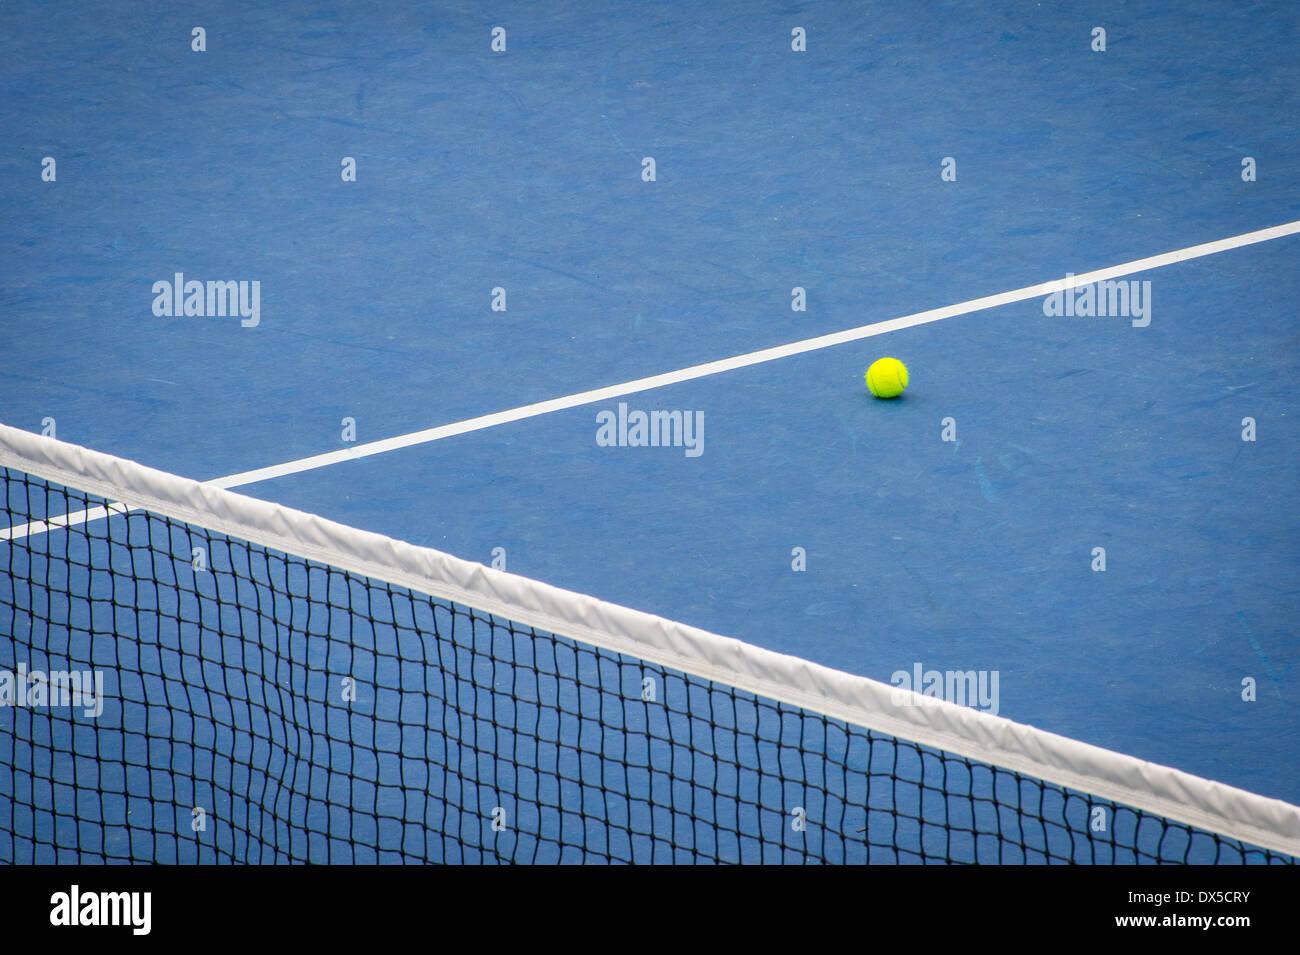 Blaue Tennisplatz mit Tennisball Stockbild